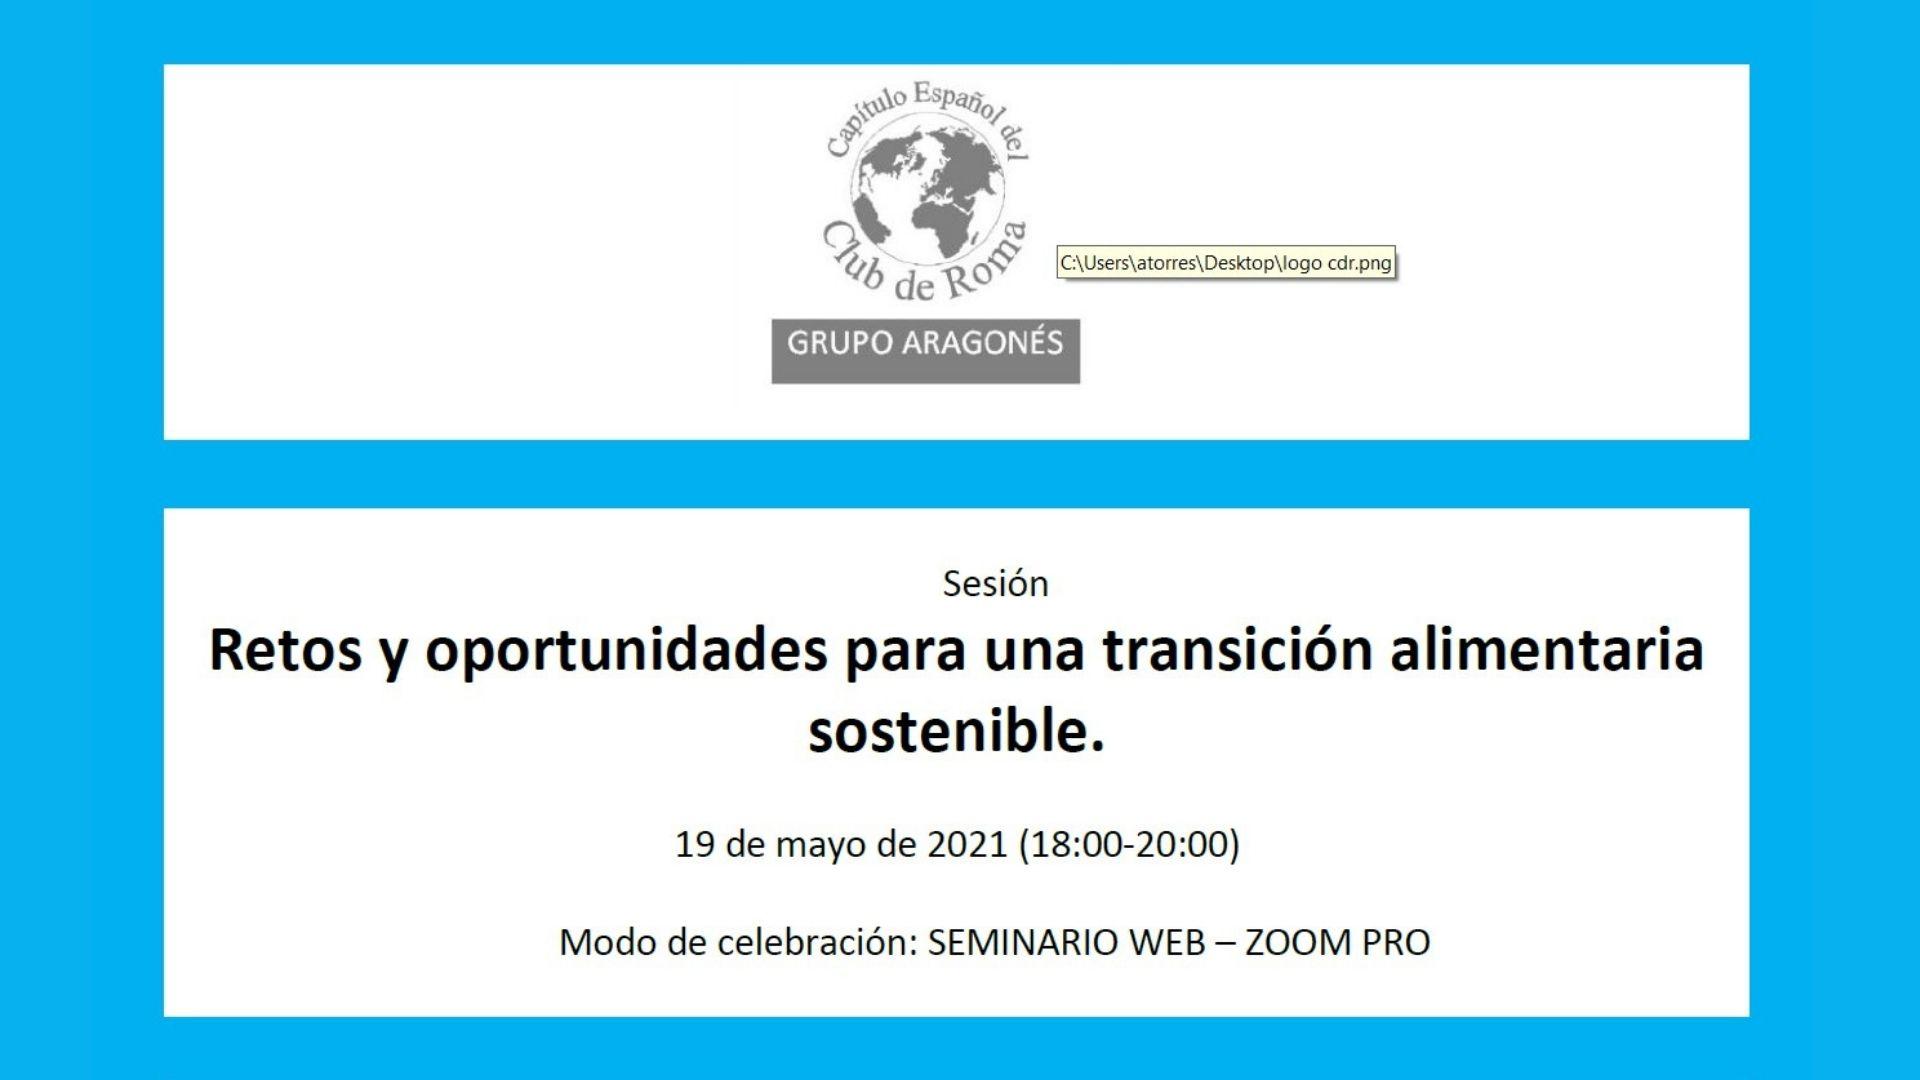 Sesión: Retos y oportunidades para una transición alimentaria sostenible